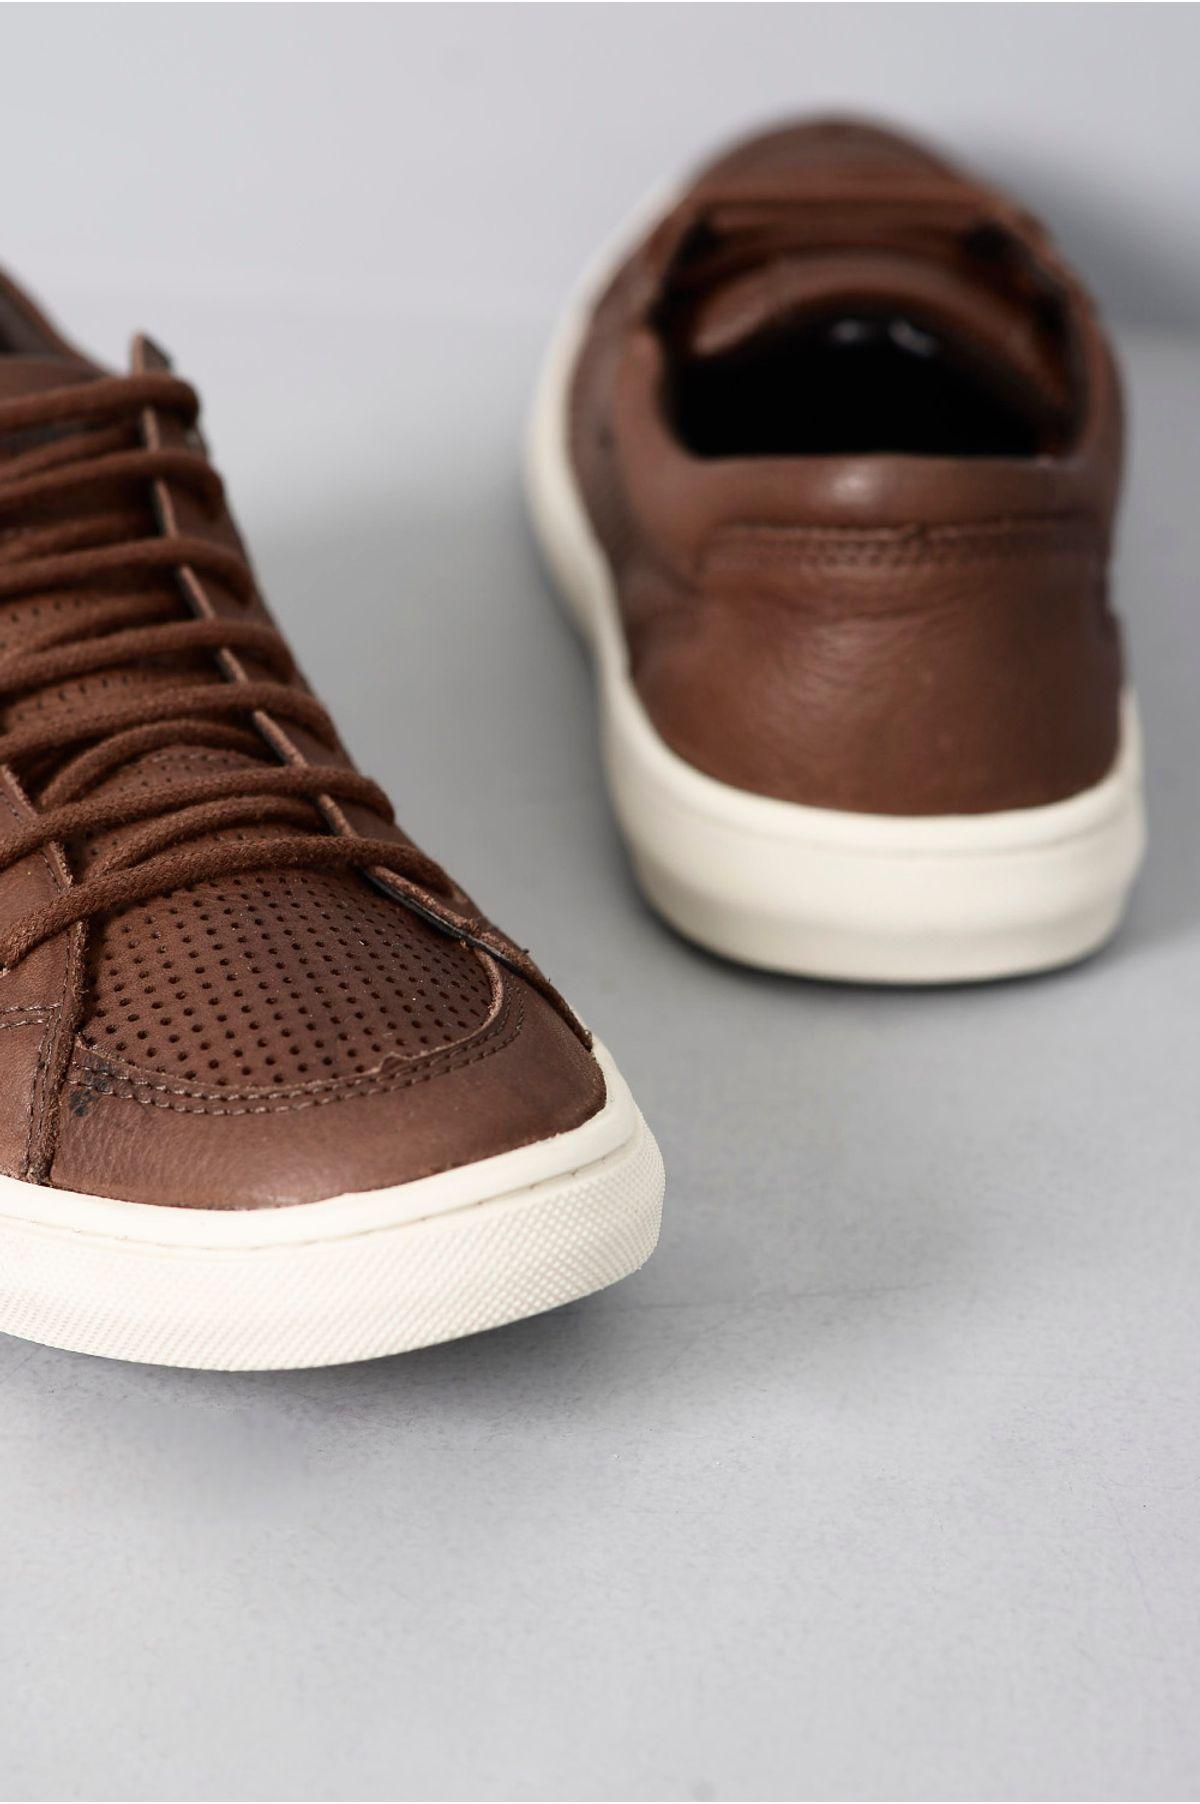 48c597a2a6 Sapatênis Masculino Casual Pipper Simons HAVANA - Mundial Calçados